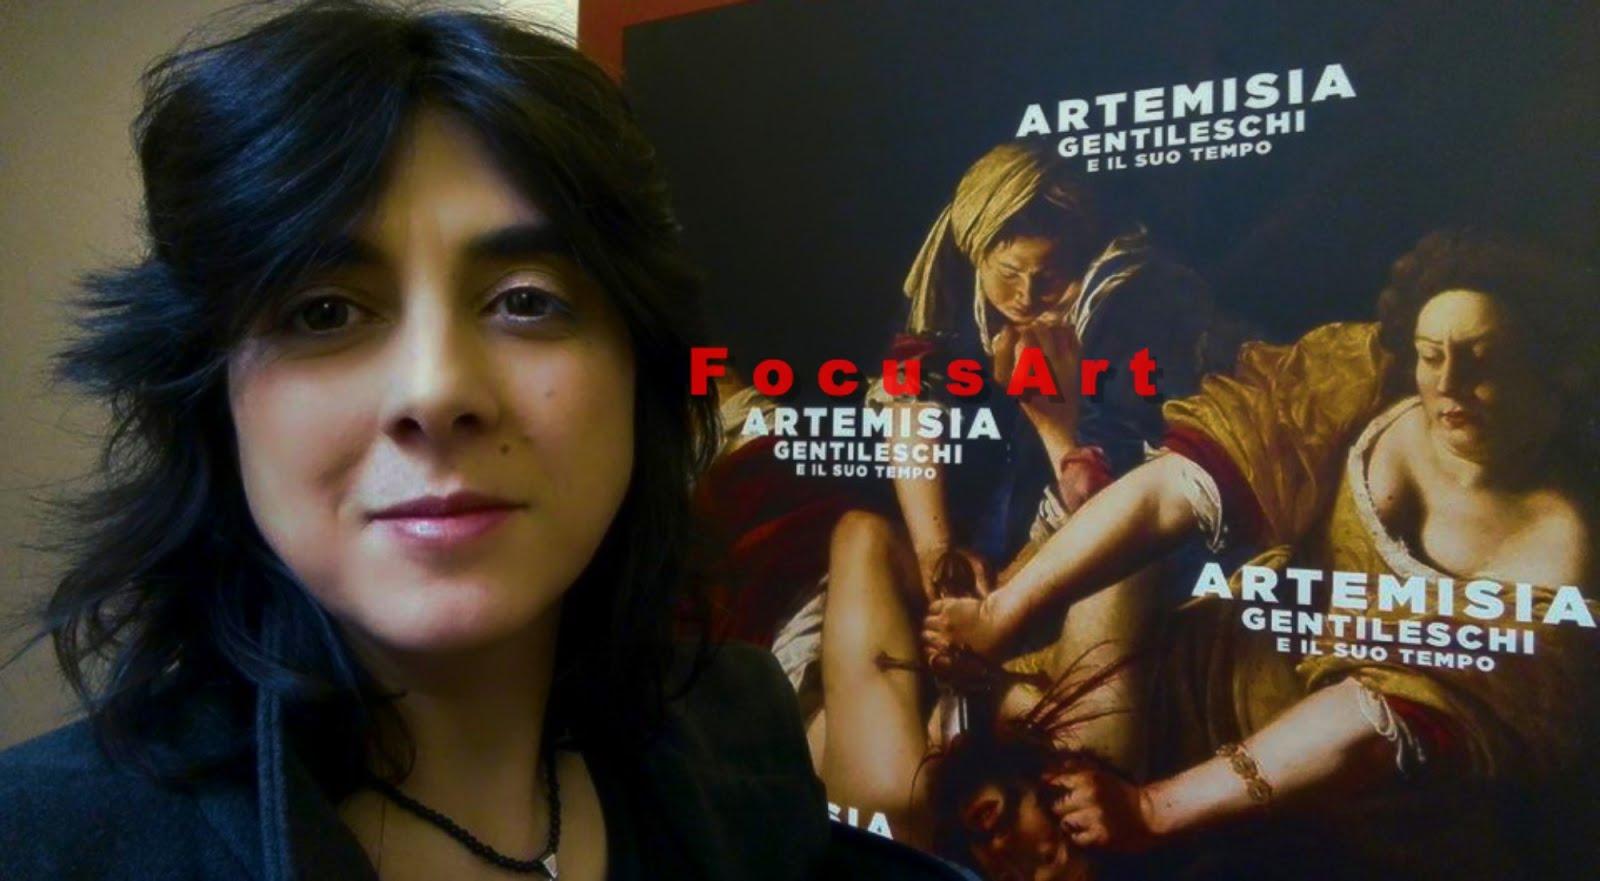 Artemisia e il Suo Tempo